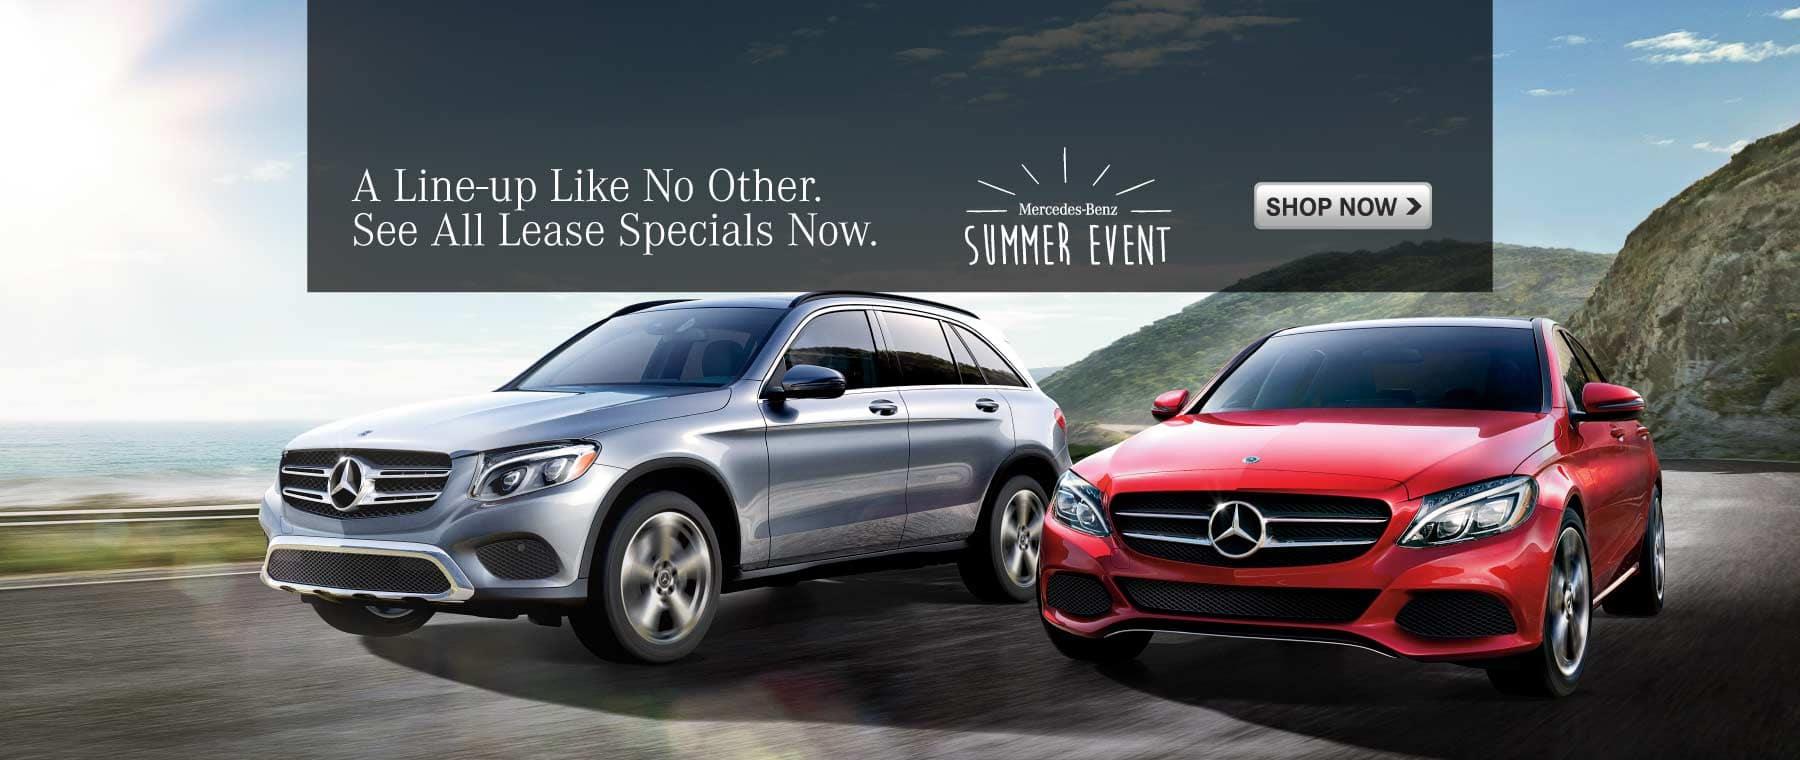 Mercedes Benz Summer Event